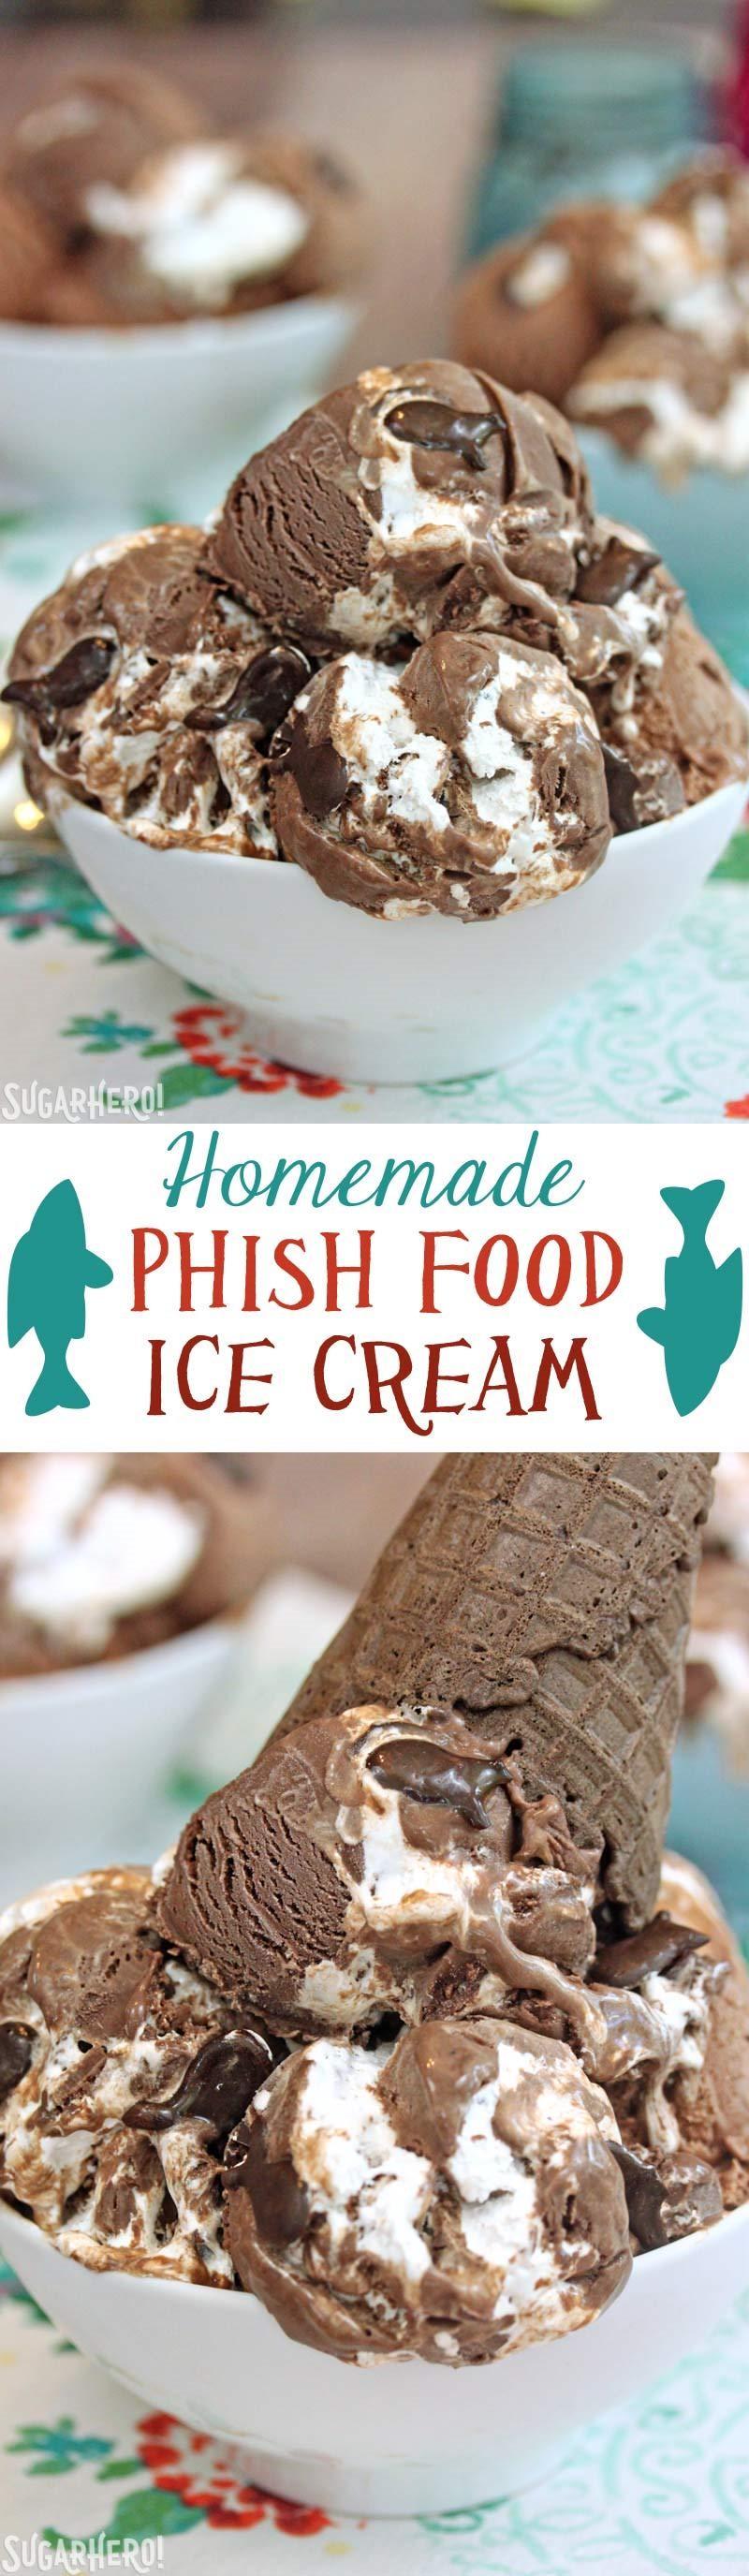 Homemade phish food ice cream sugarhero for Homemade fish food